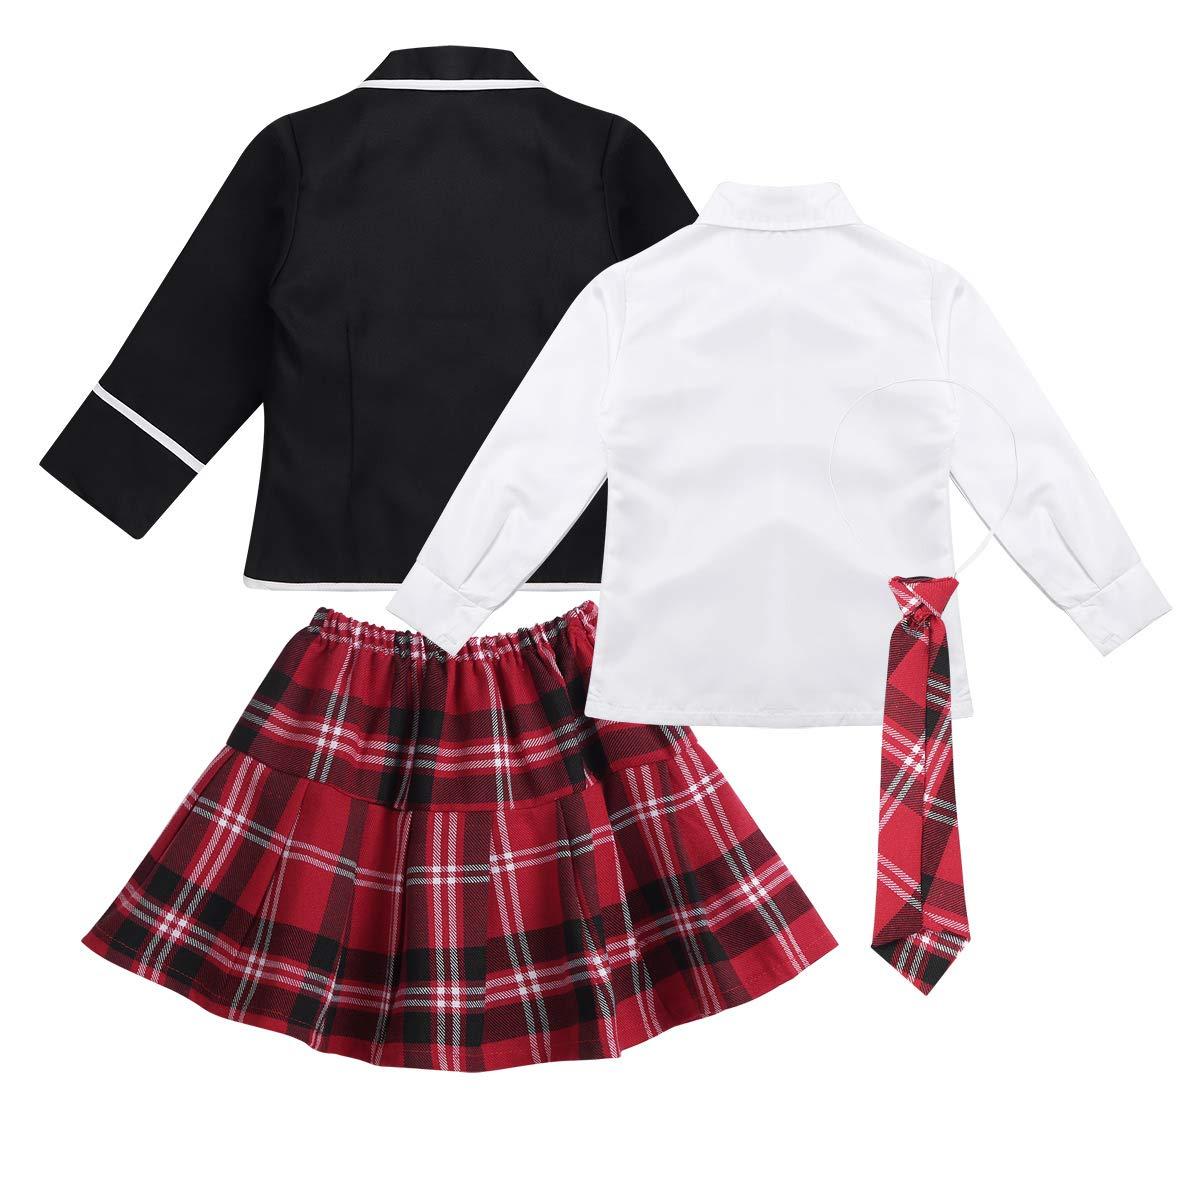 Agoky 4Pcs Uniformes Scolaires Enfants Filles D/éguisement /Écoli/ère Britannique Costume /Étudiante Photographie Robe de Danse Carnaval Soir/ée Bal Partie Tenue F/ête 4-12 Ans Blanc 4-5 Ans